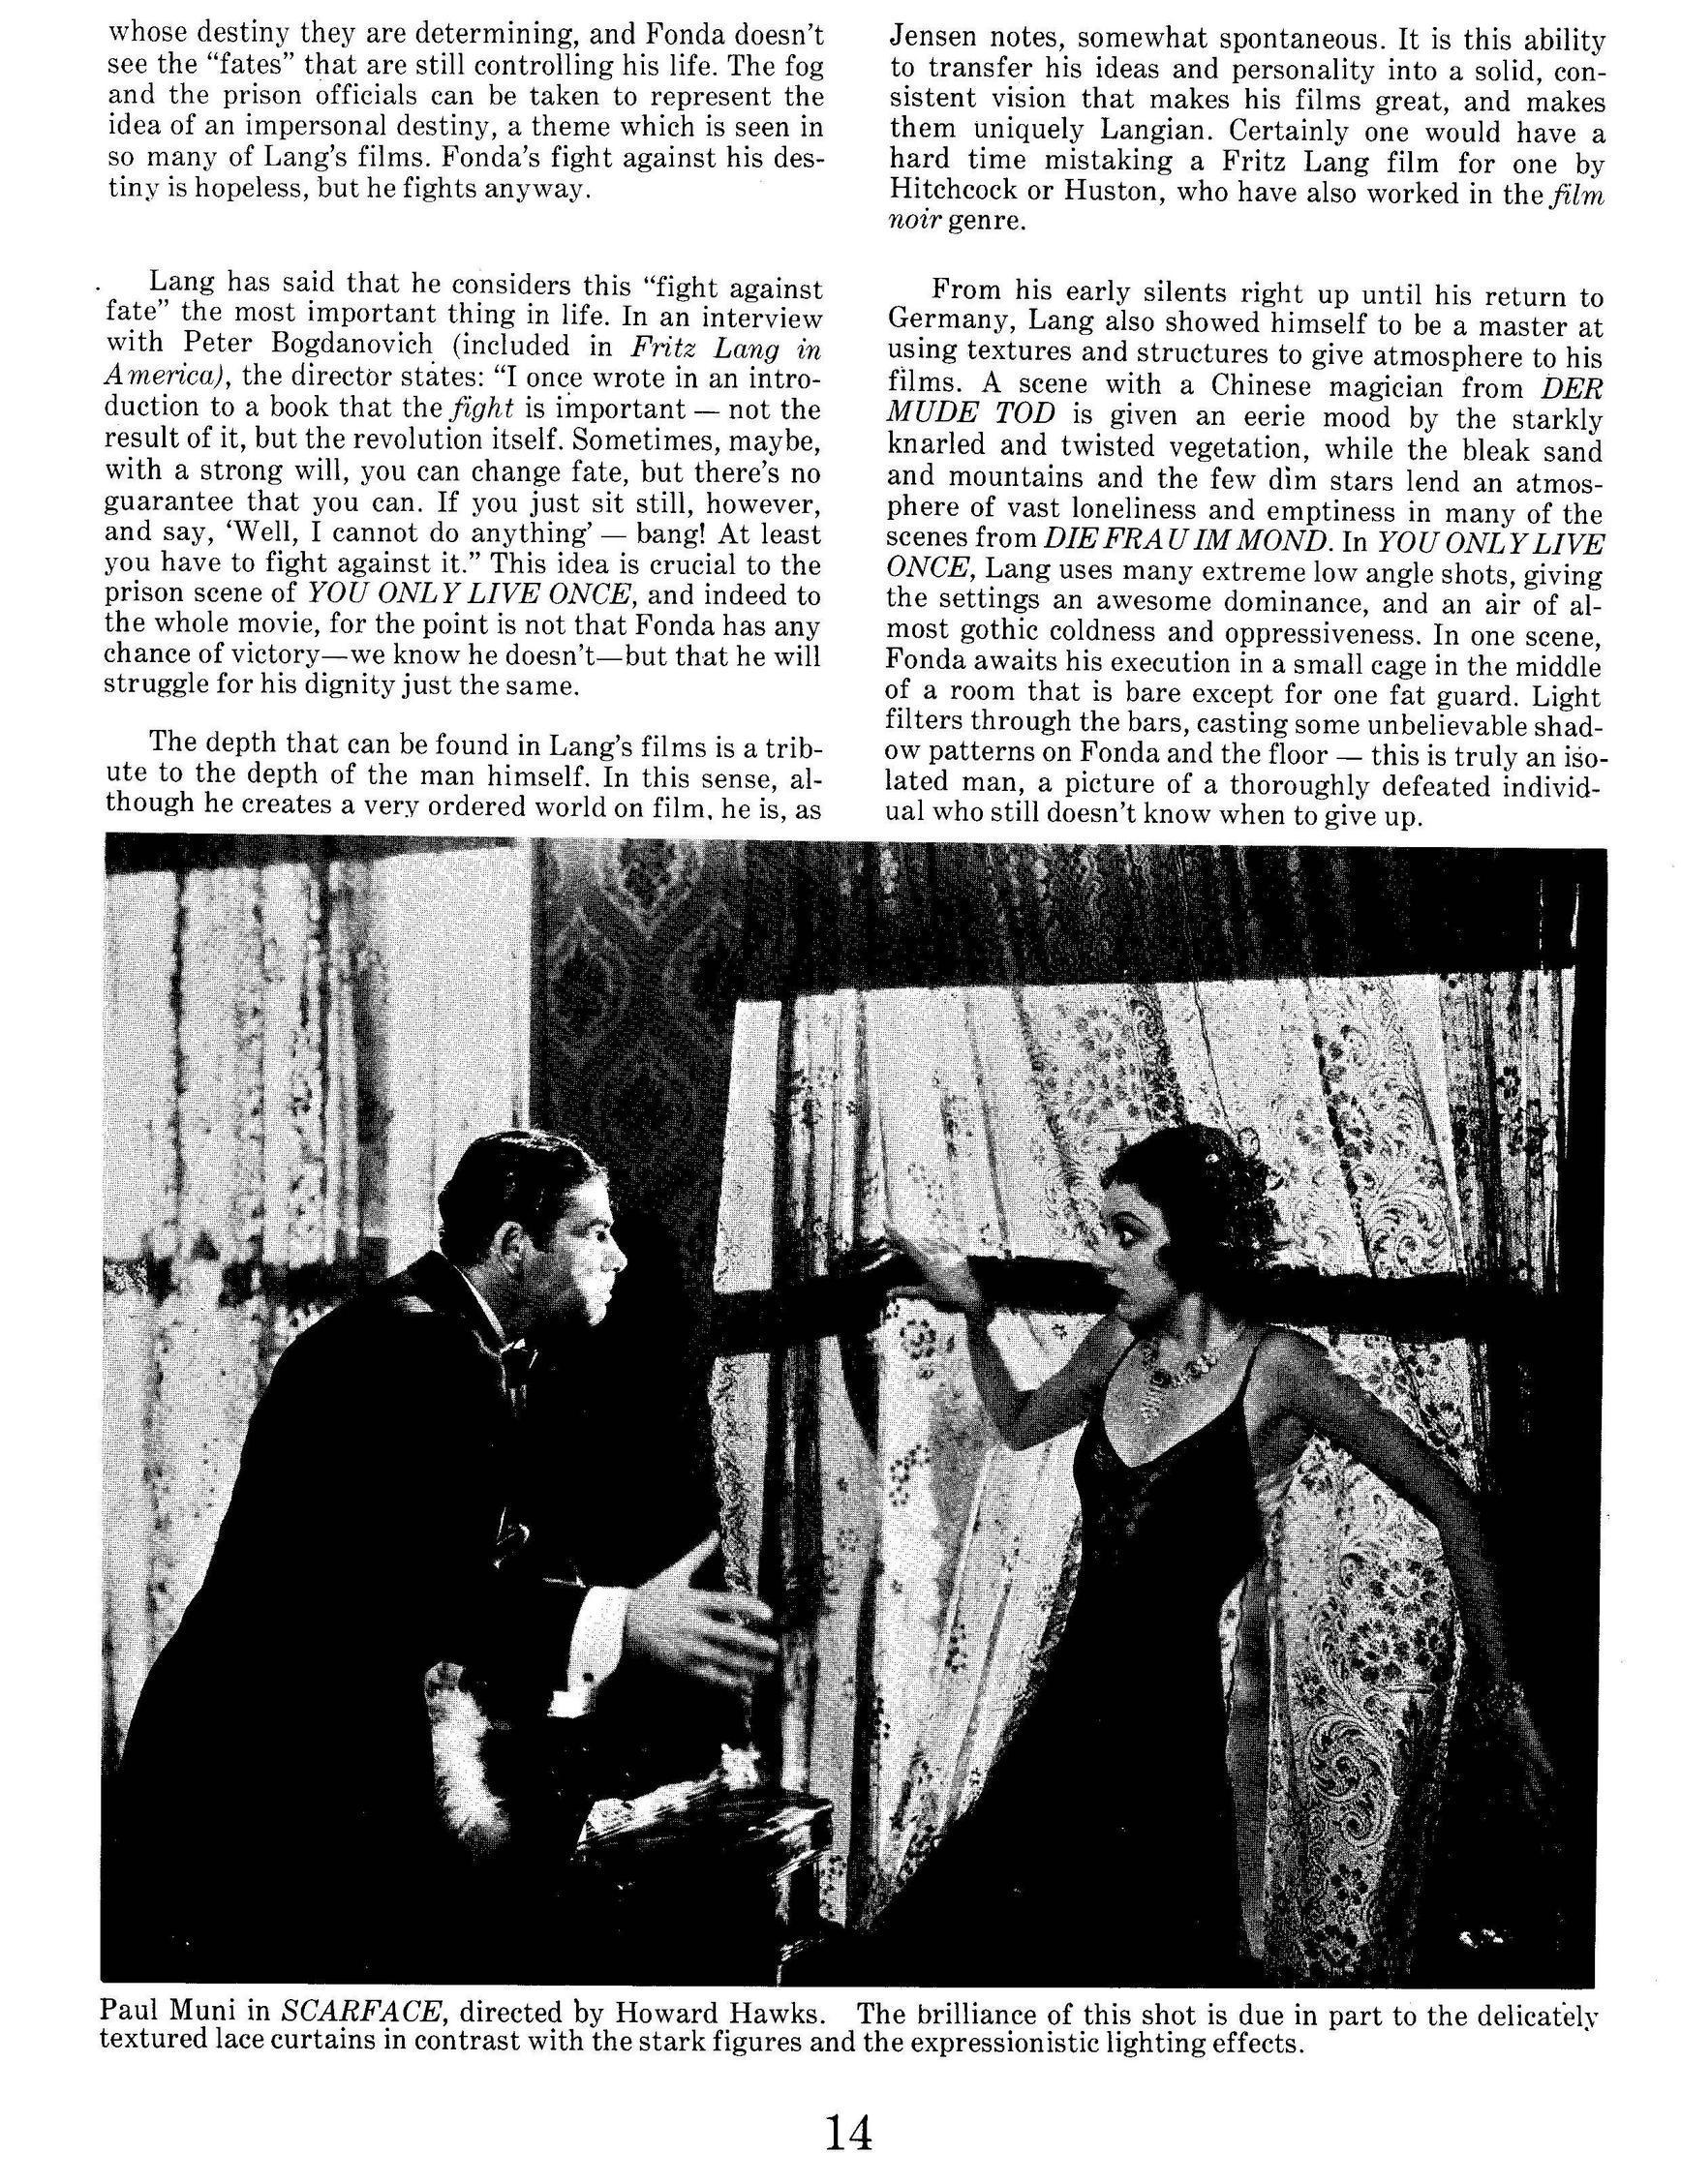 Mise-en-Scène' and Fritz Lang: The Invaluable, Short-Lived